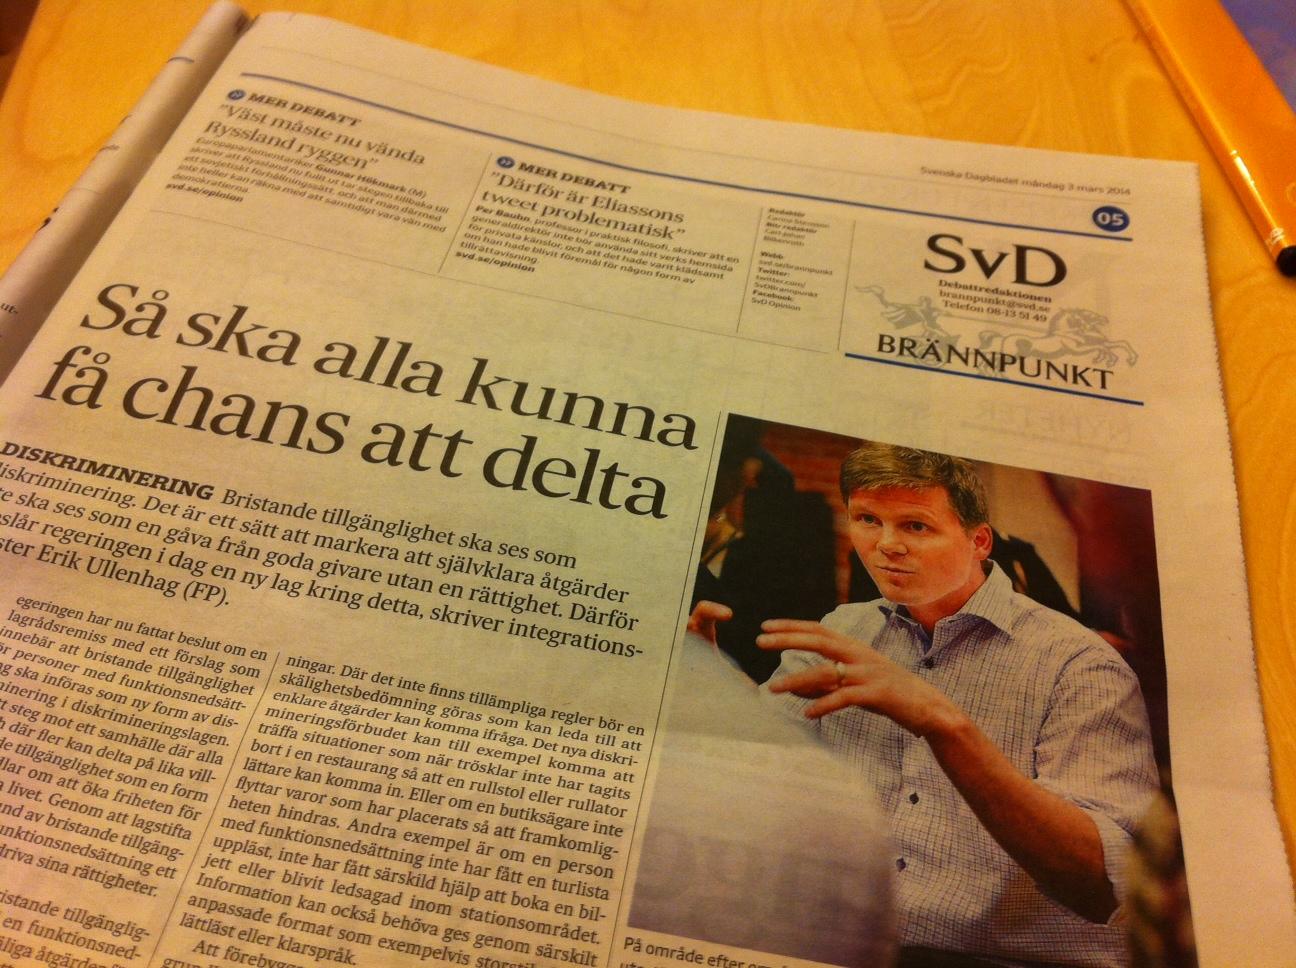 erik_ullenhags_debattartikel_i_svenska_dagbladet